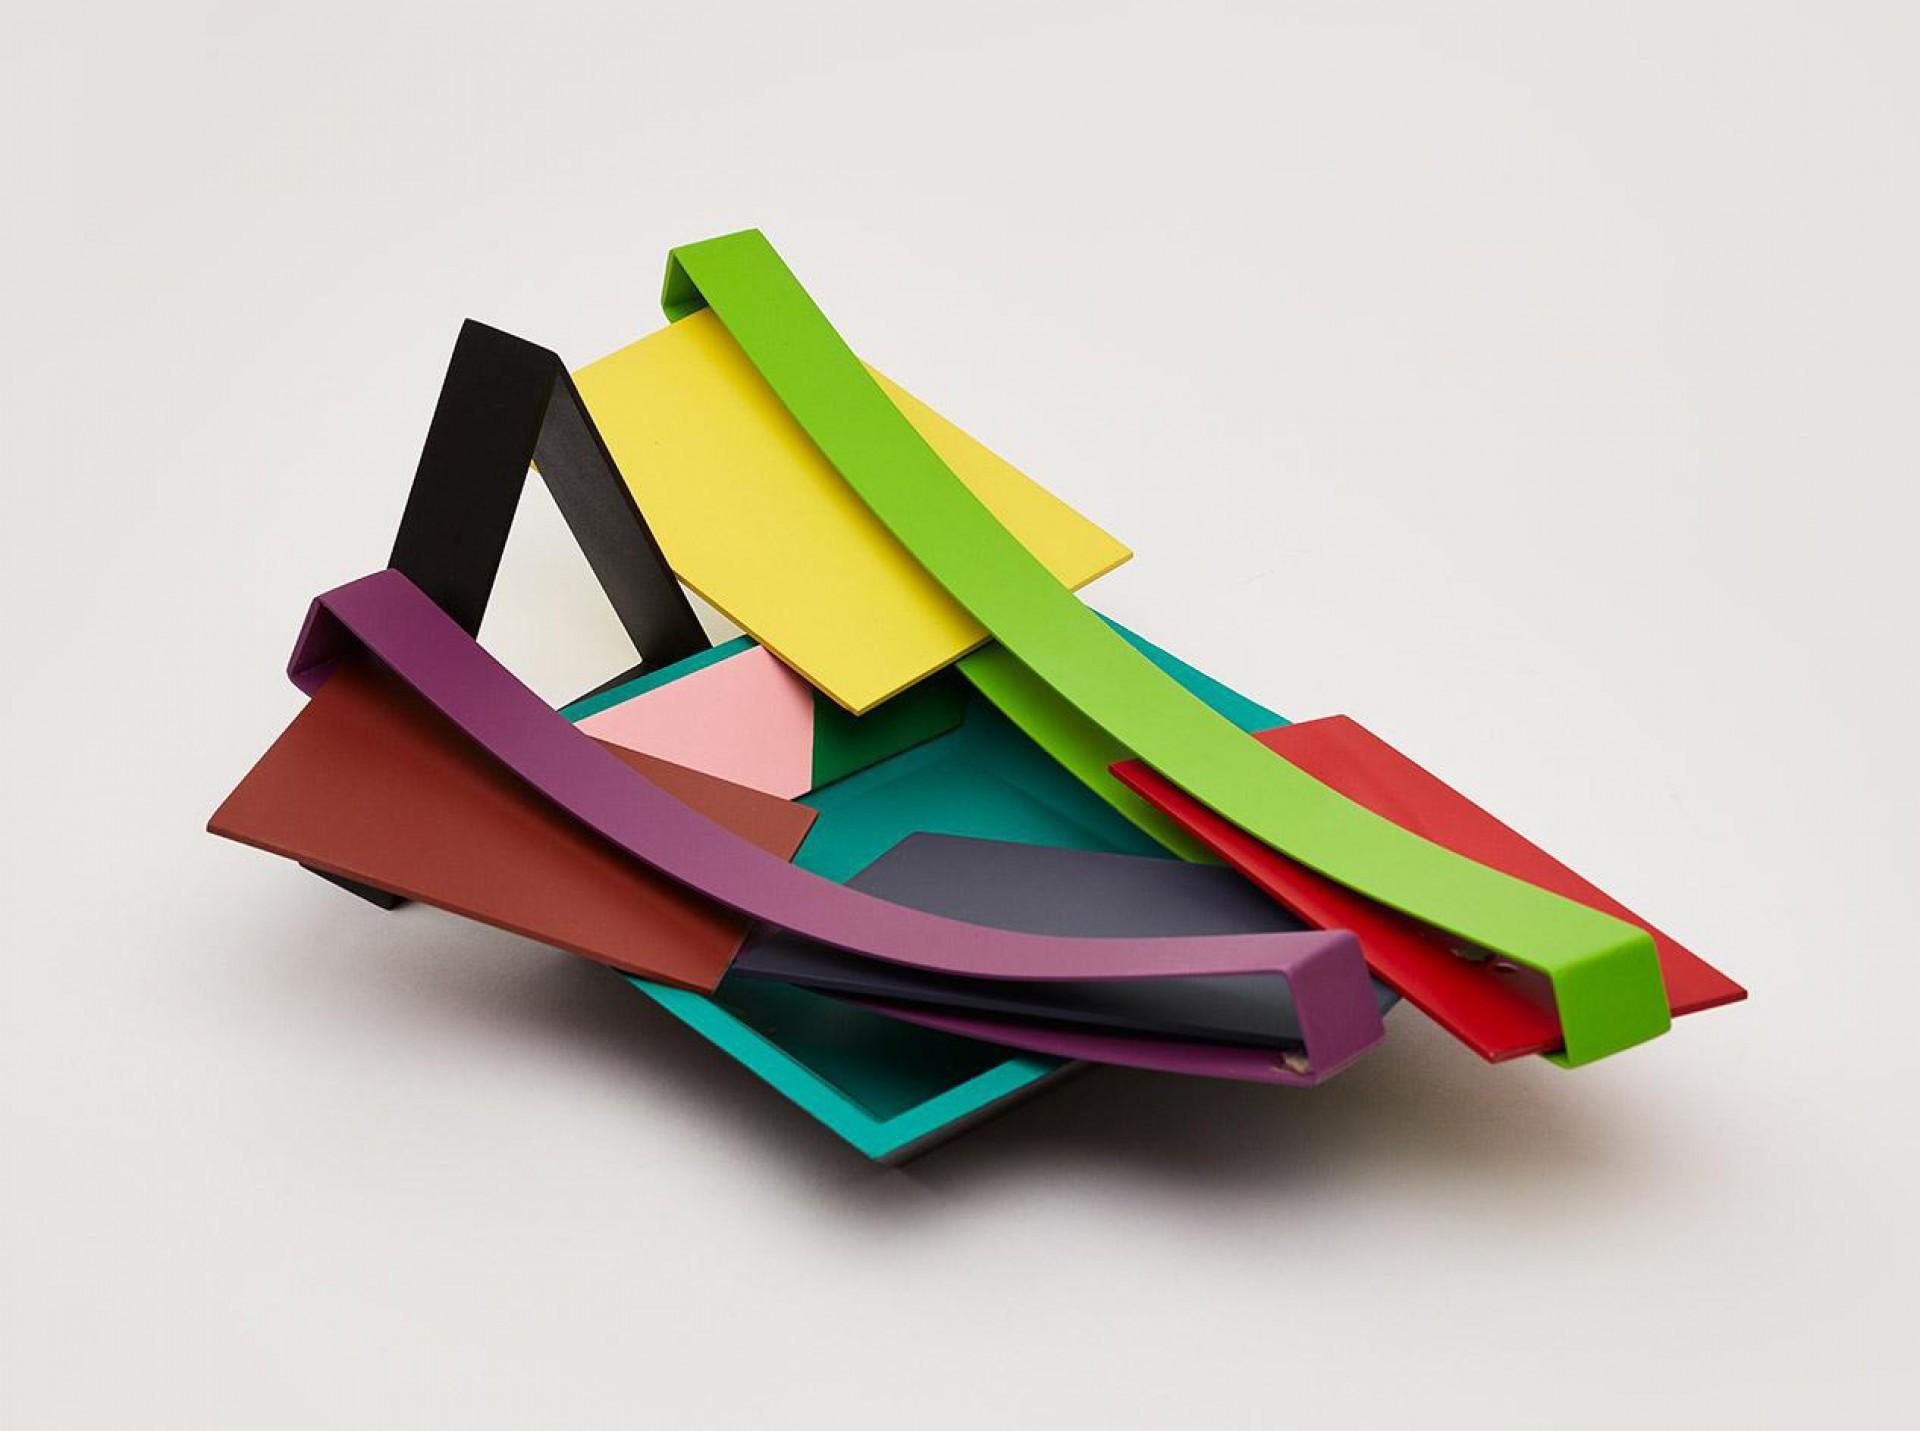 Escultura de Phillip King e Alexandre da Cunha